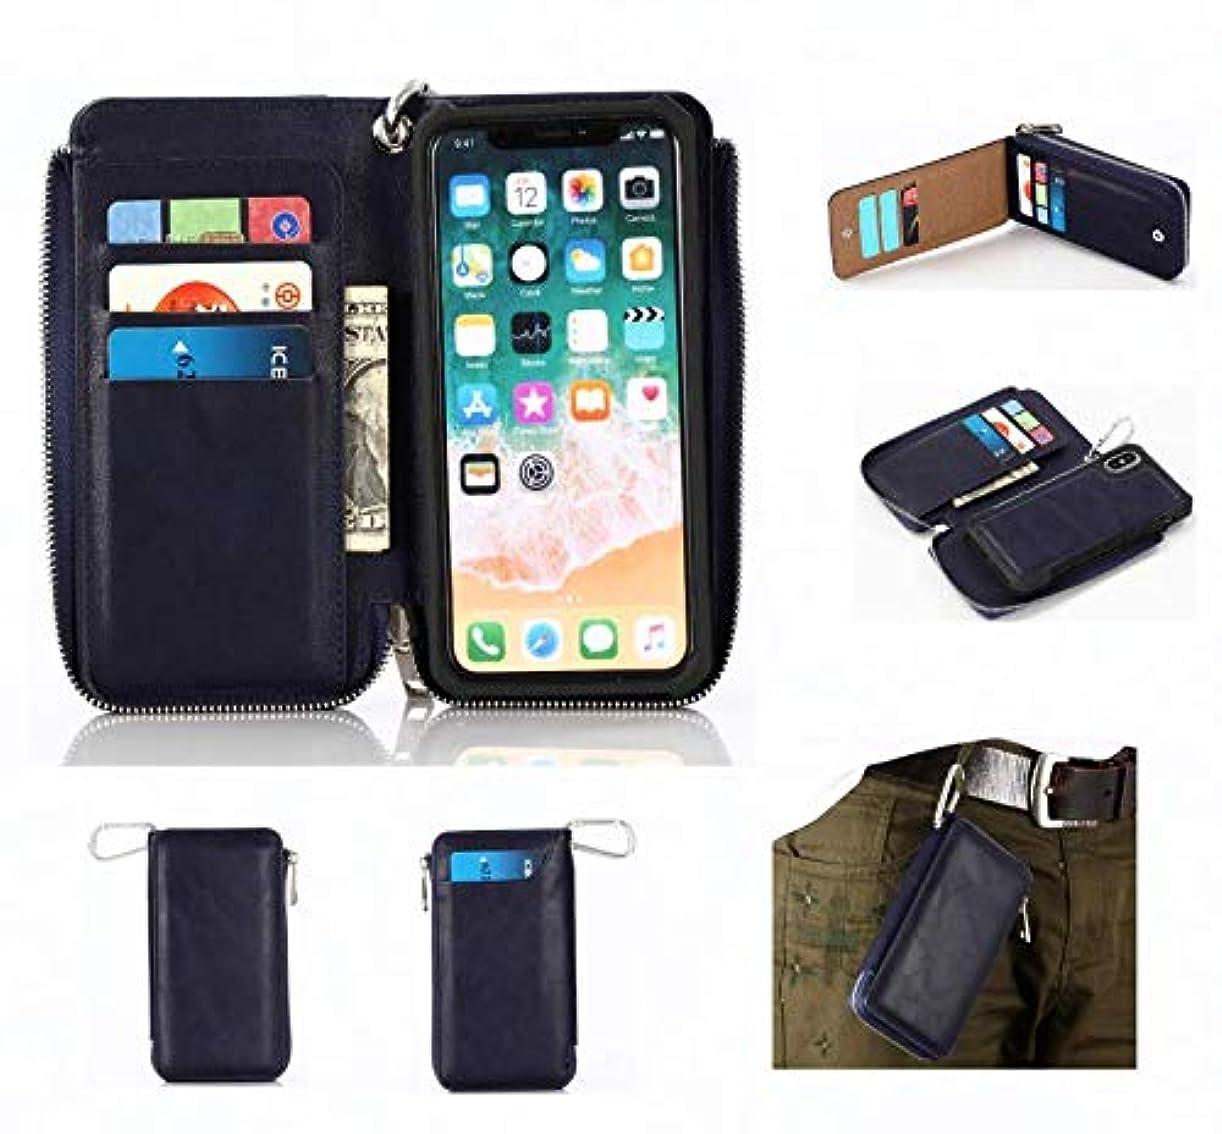 まもなくブラケット時iPhone Xジッパー財布、iPhone XS携帯ポケット、メンズベルトベルトバッグ、金属リング、10個のカードスロット、キャッシュスロット、ボタンロックポケット、取り外し可能なスリムプロテクター、磁気カーラック